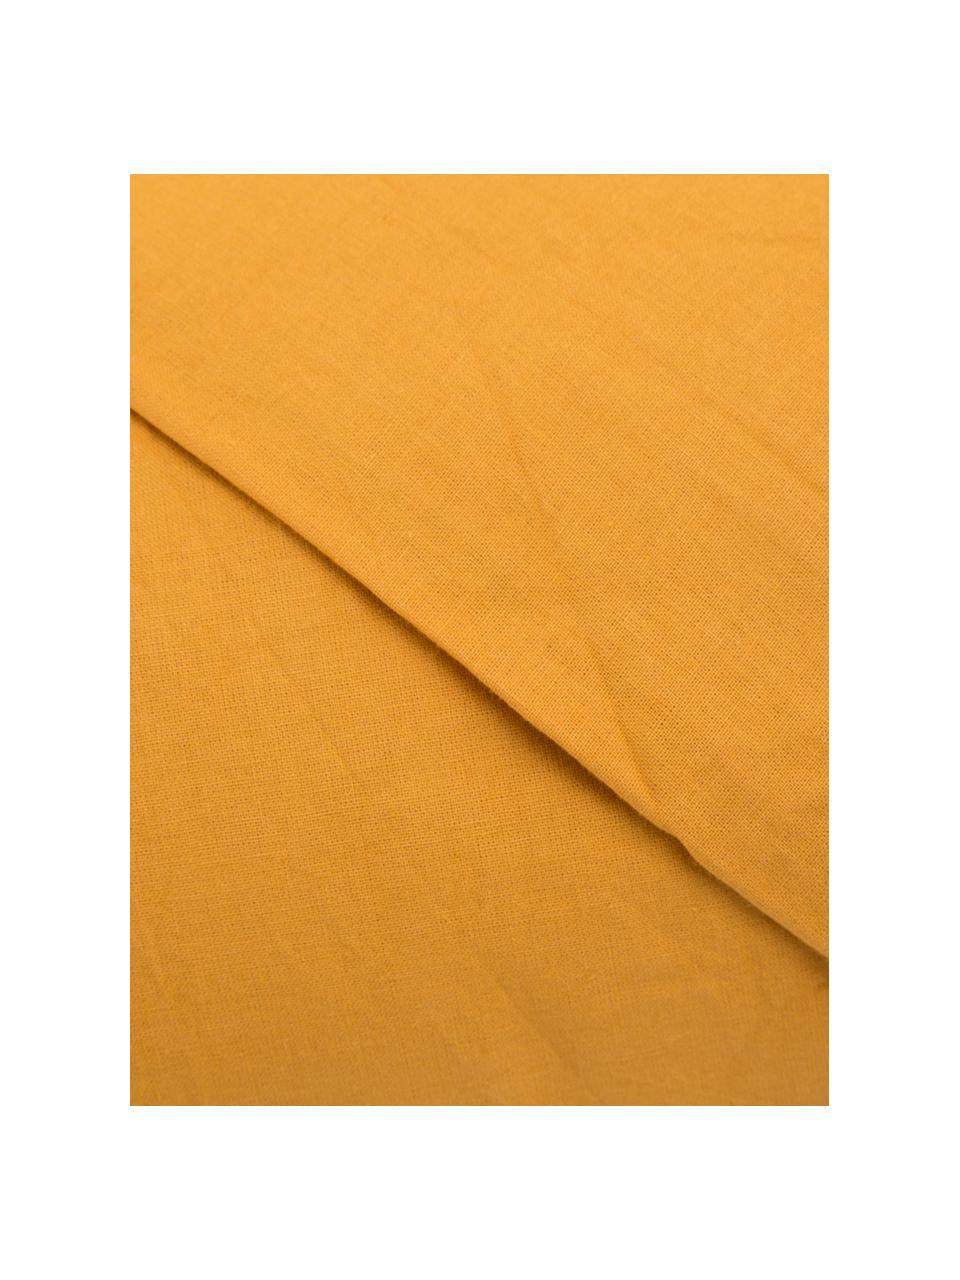 Parure copripiumino in cotone effetto stone washed Velle, Tessuto: cotone ranforce, Fronte e retro: giallo ocra, 155 x 200 cm